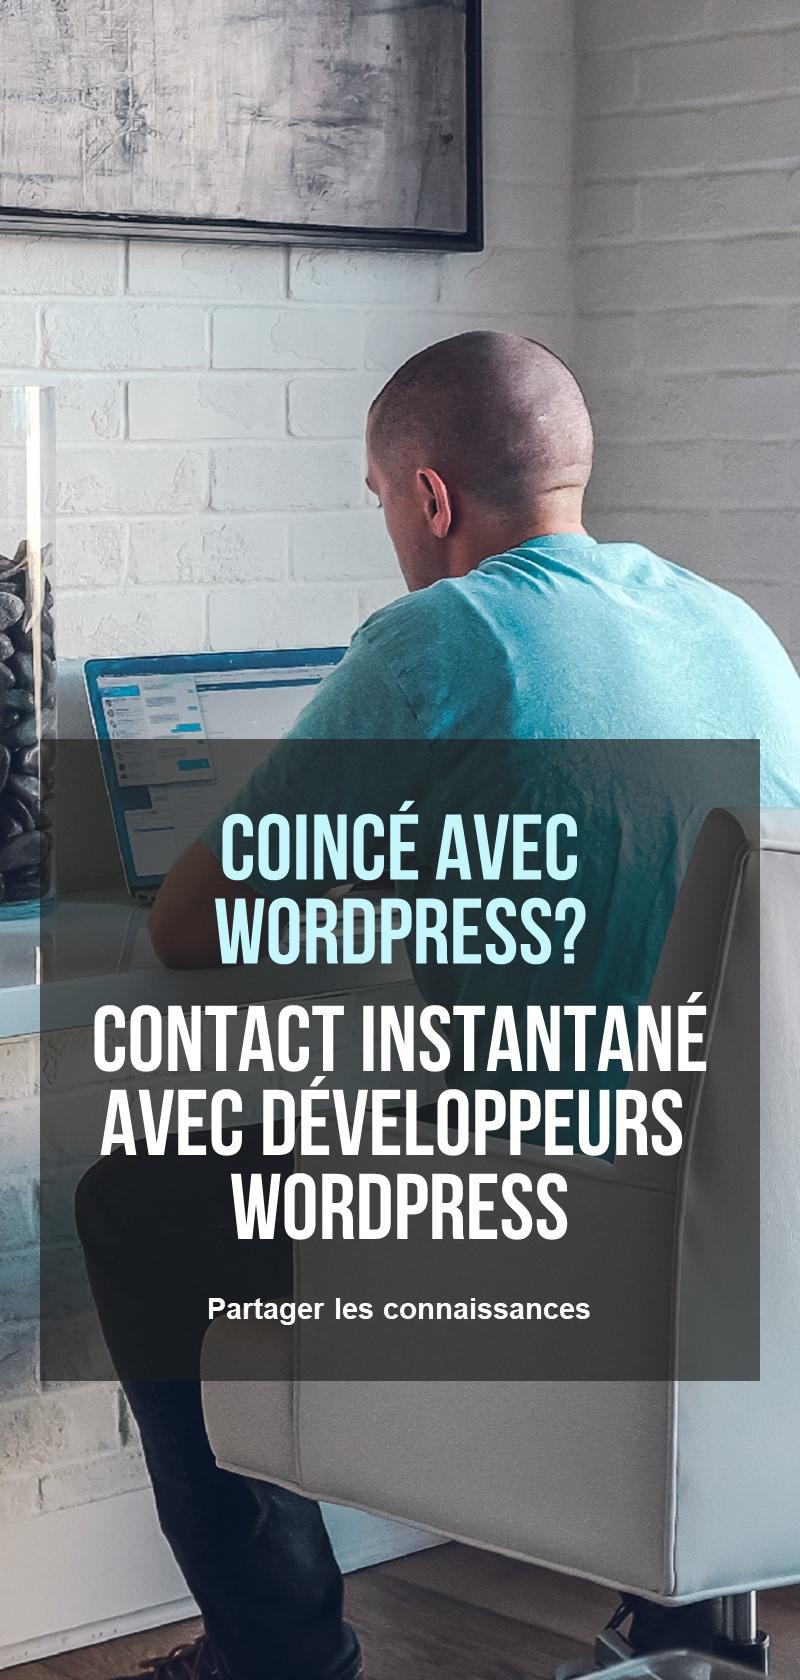 Apprendre WordPress et obtenir le soutien pour WordPress